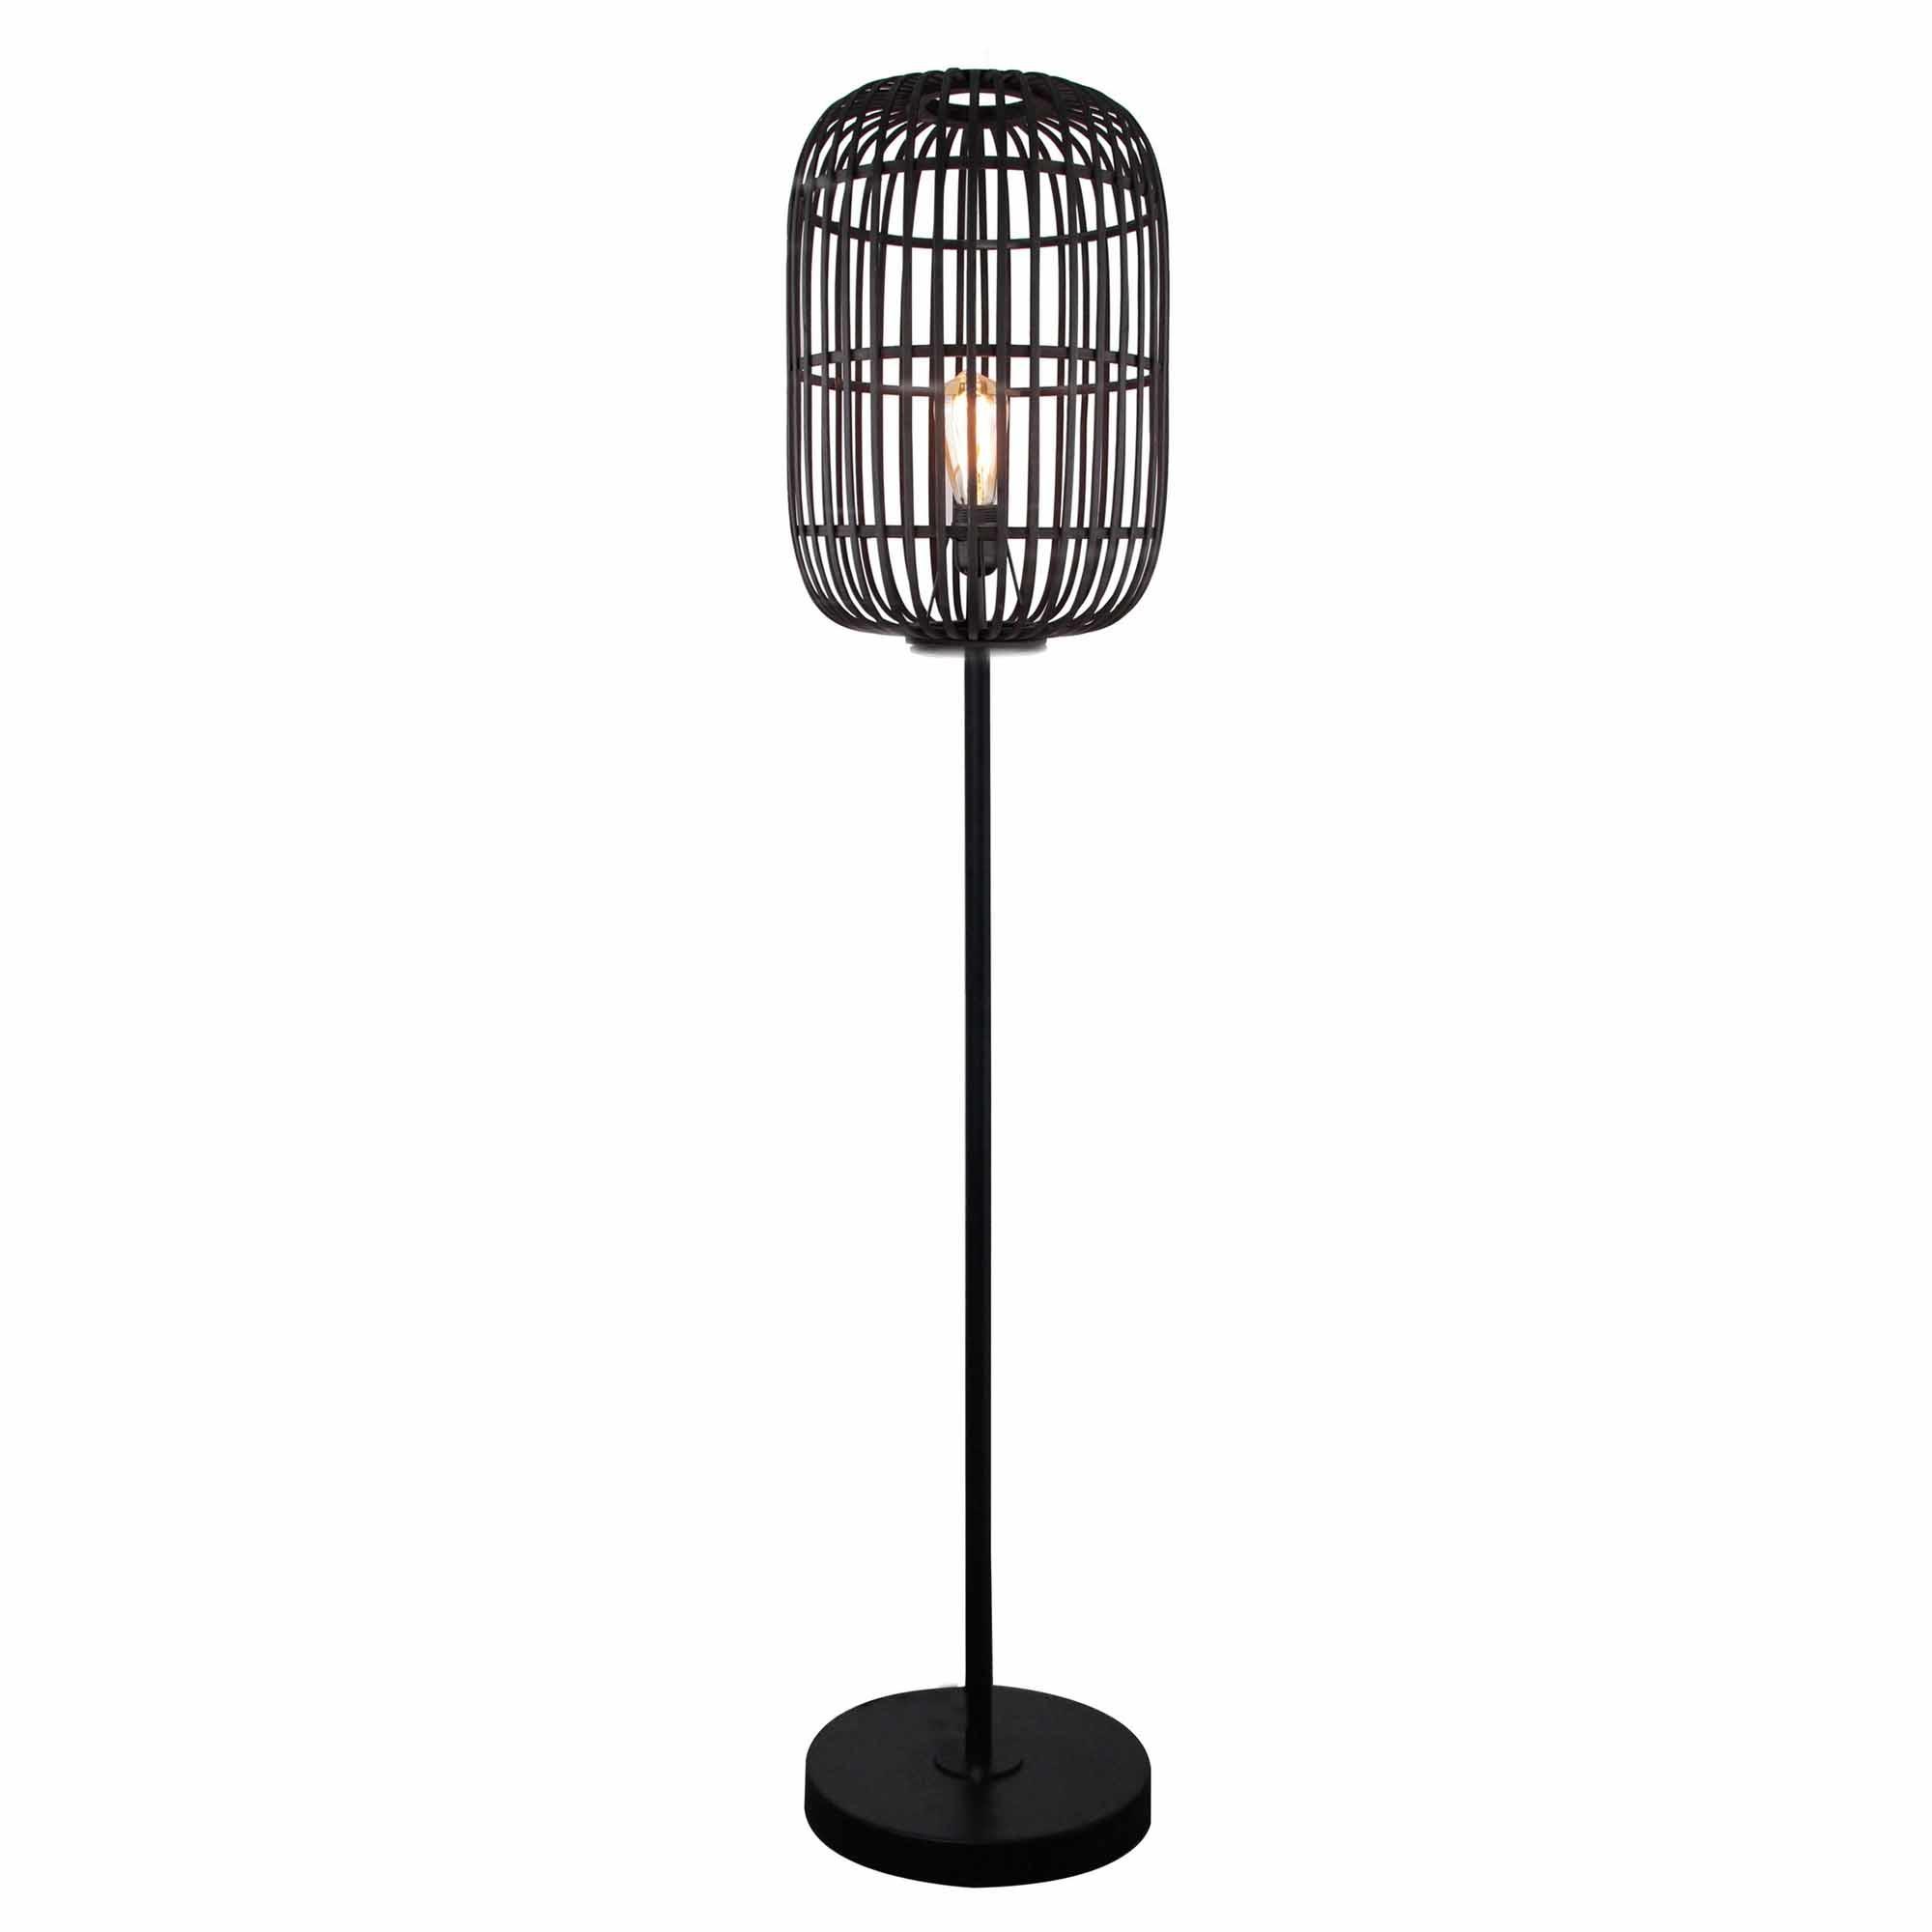 Freelight Vloerlamp Treccia H 175 cm zwart